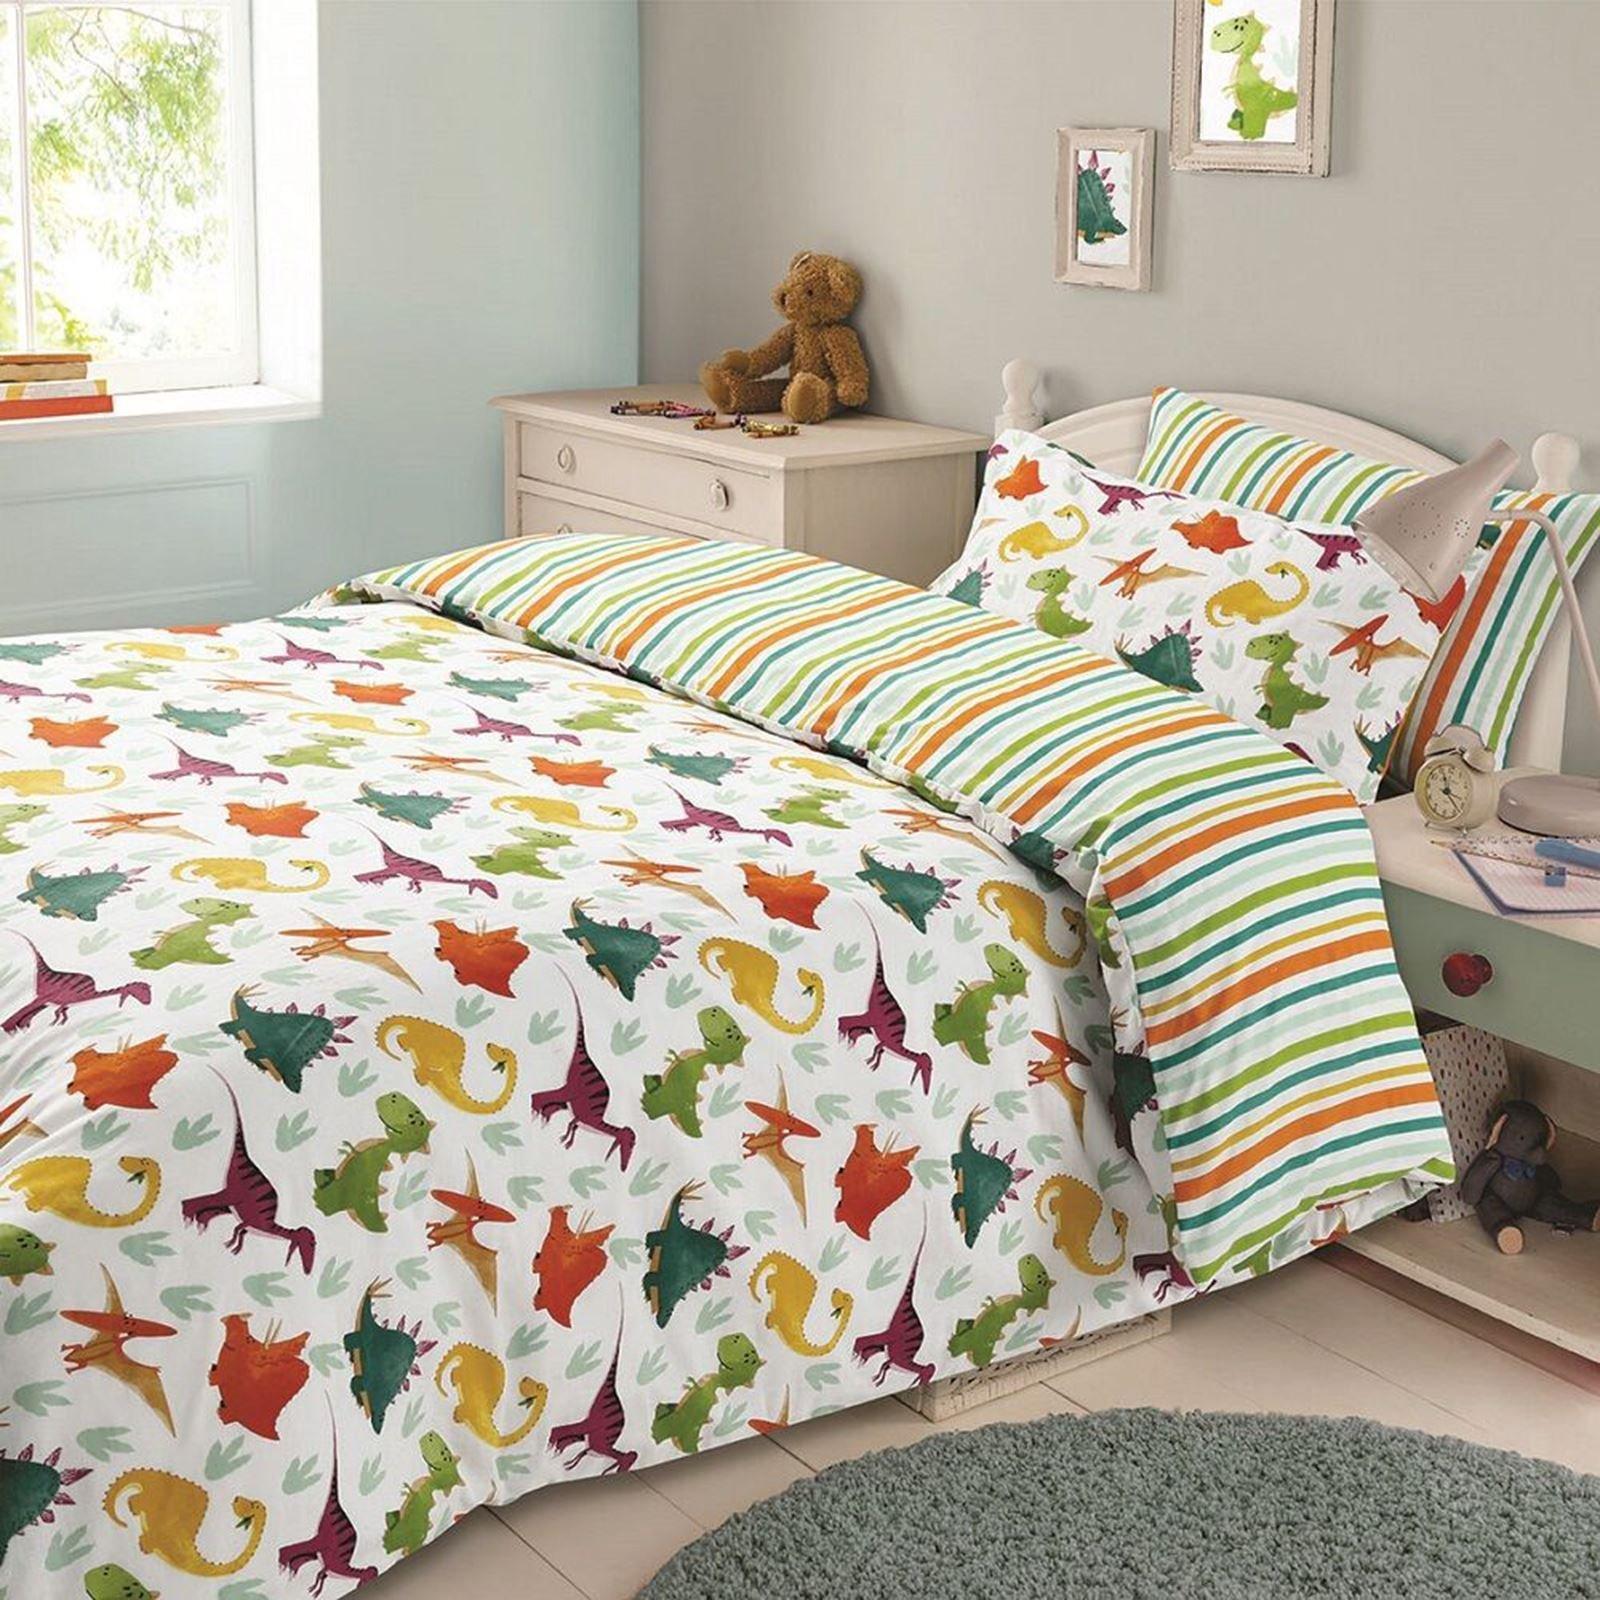 Dinosaur 'Multi' Reversible Rotary Single Bed Duvet Quilt Cover Set